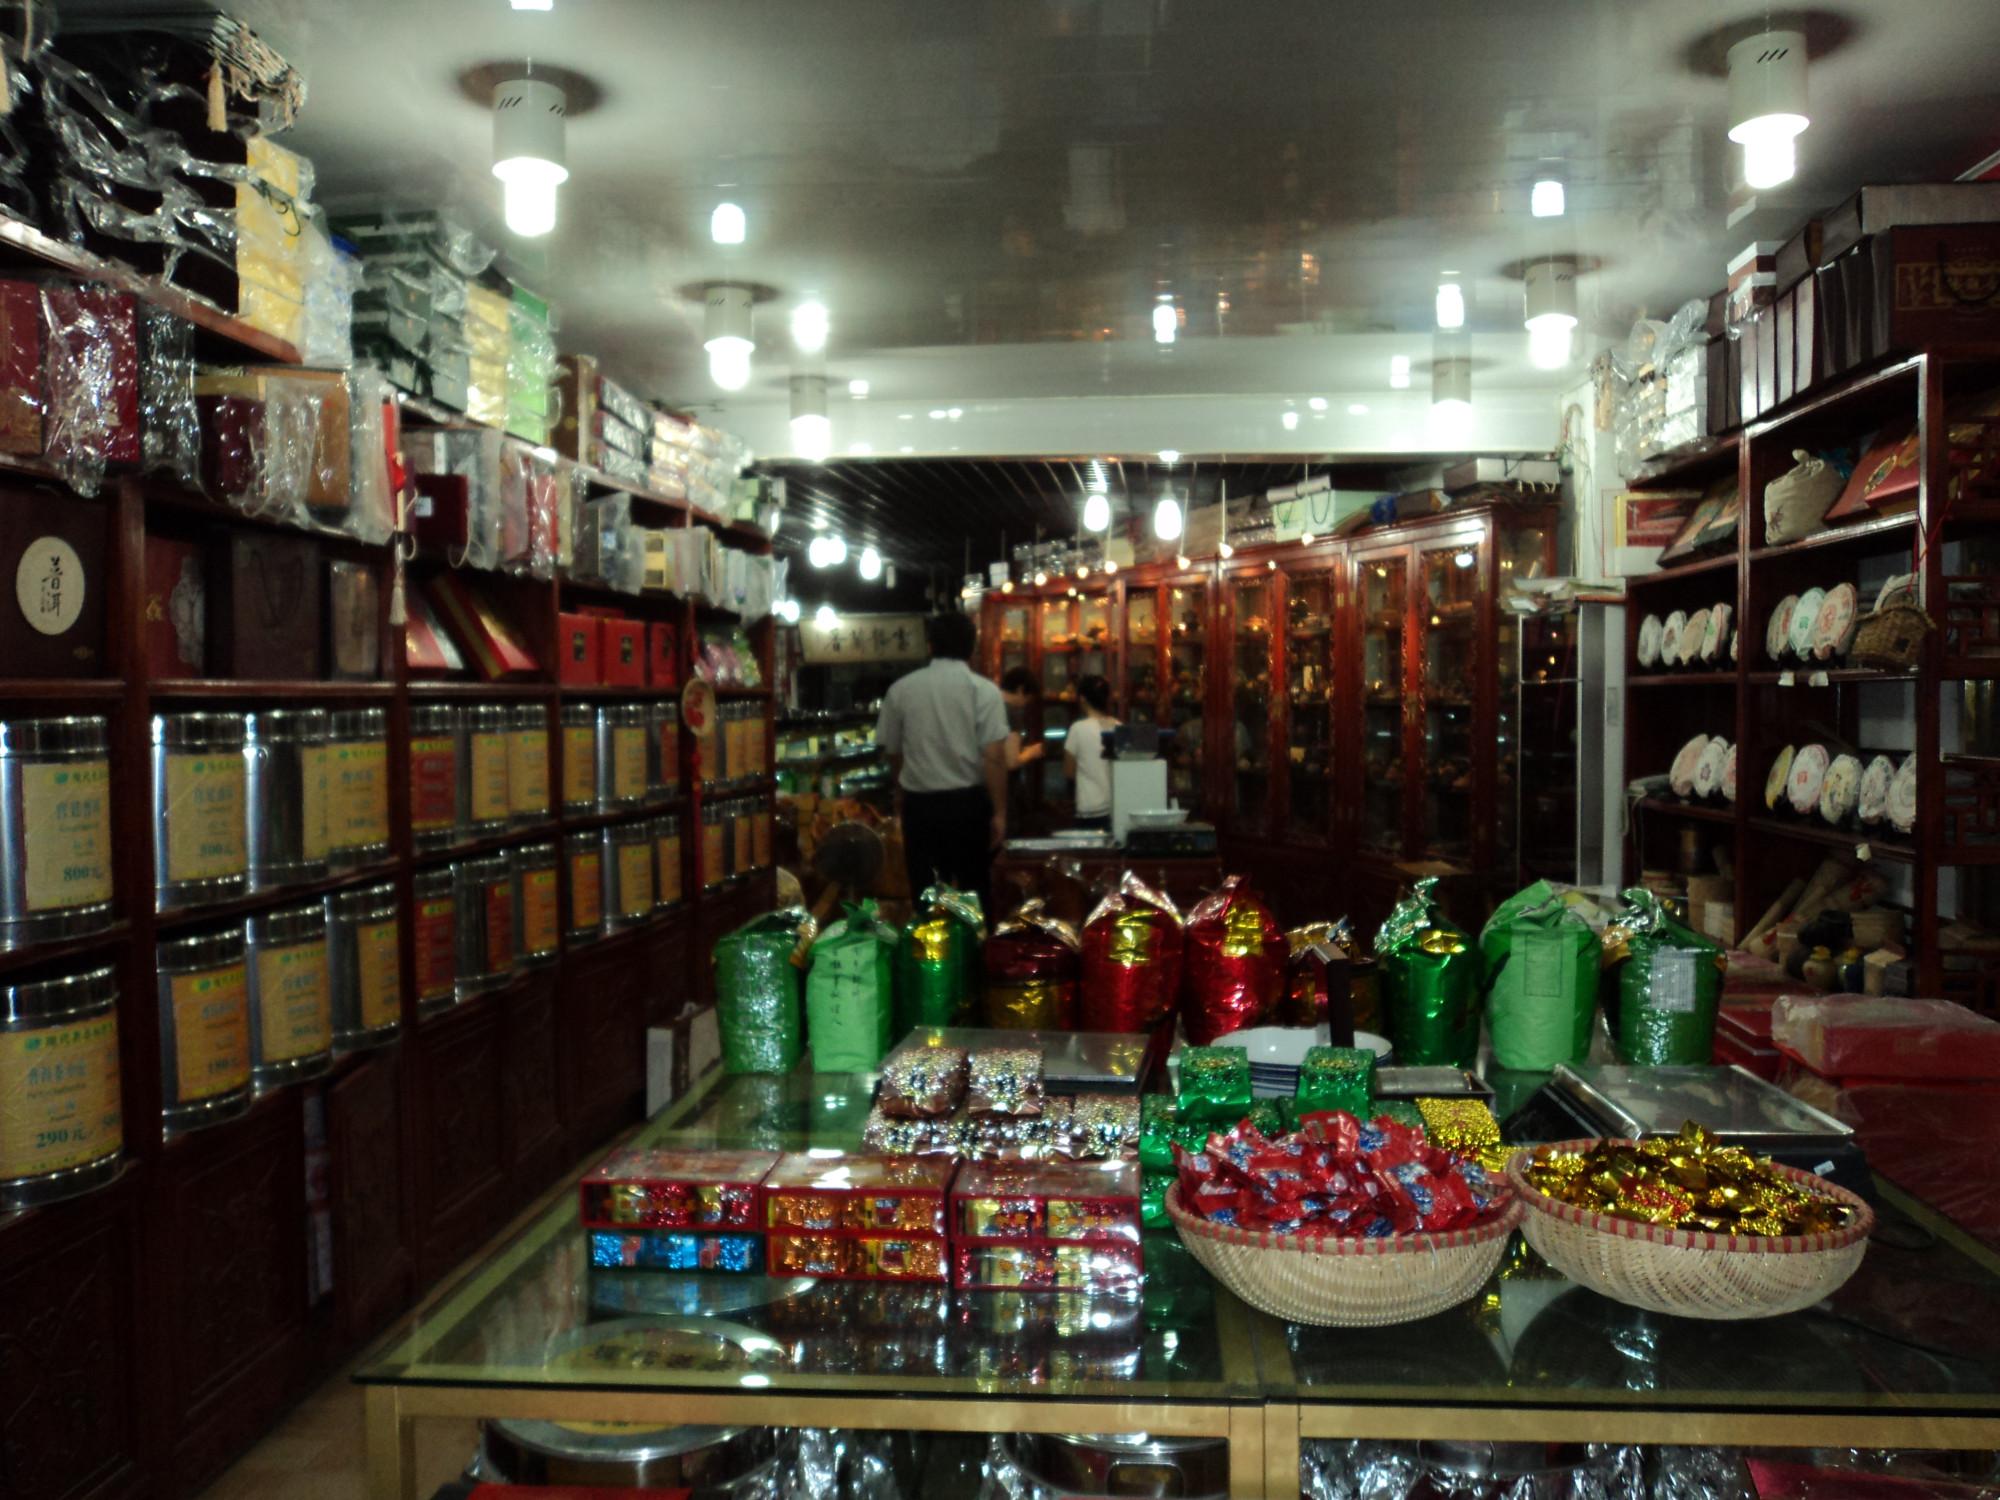 советские времена, фото чайных магазинов в китае официально профессиональные кинологи